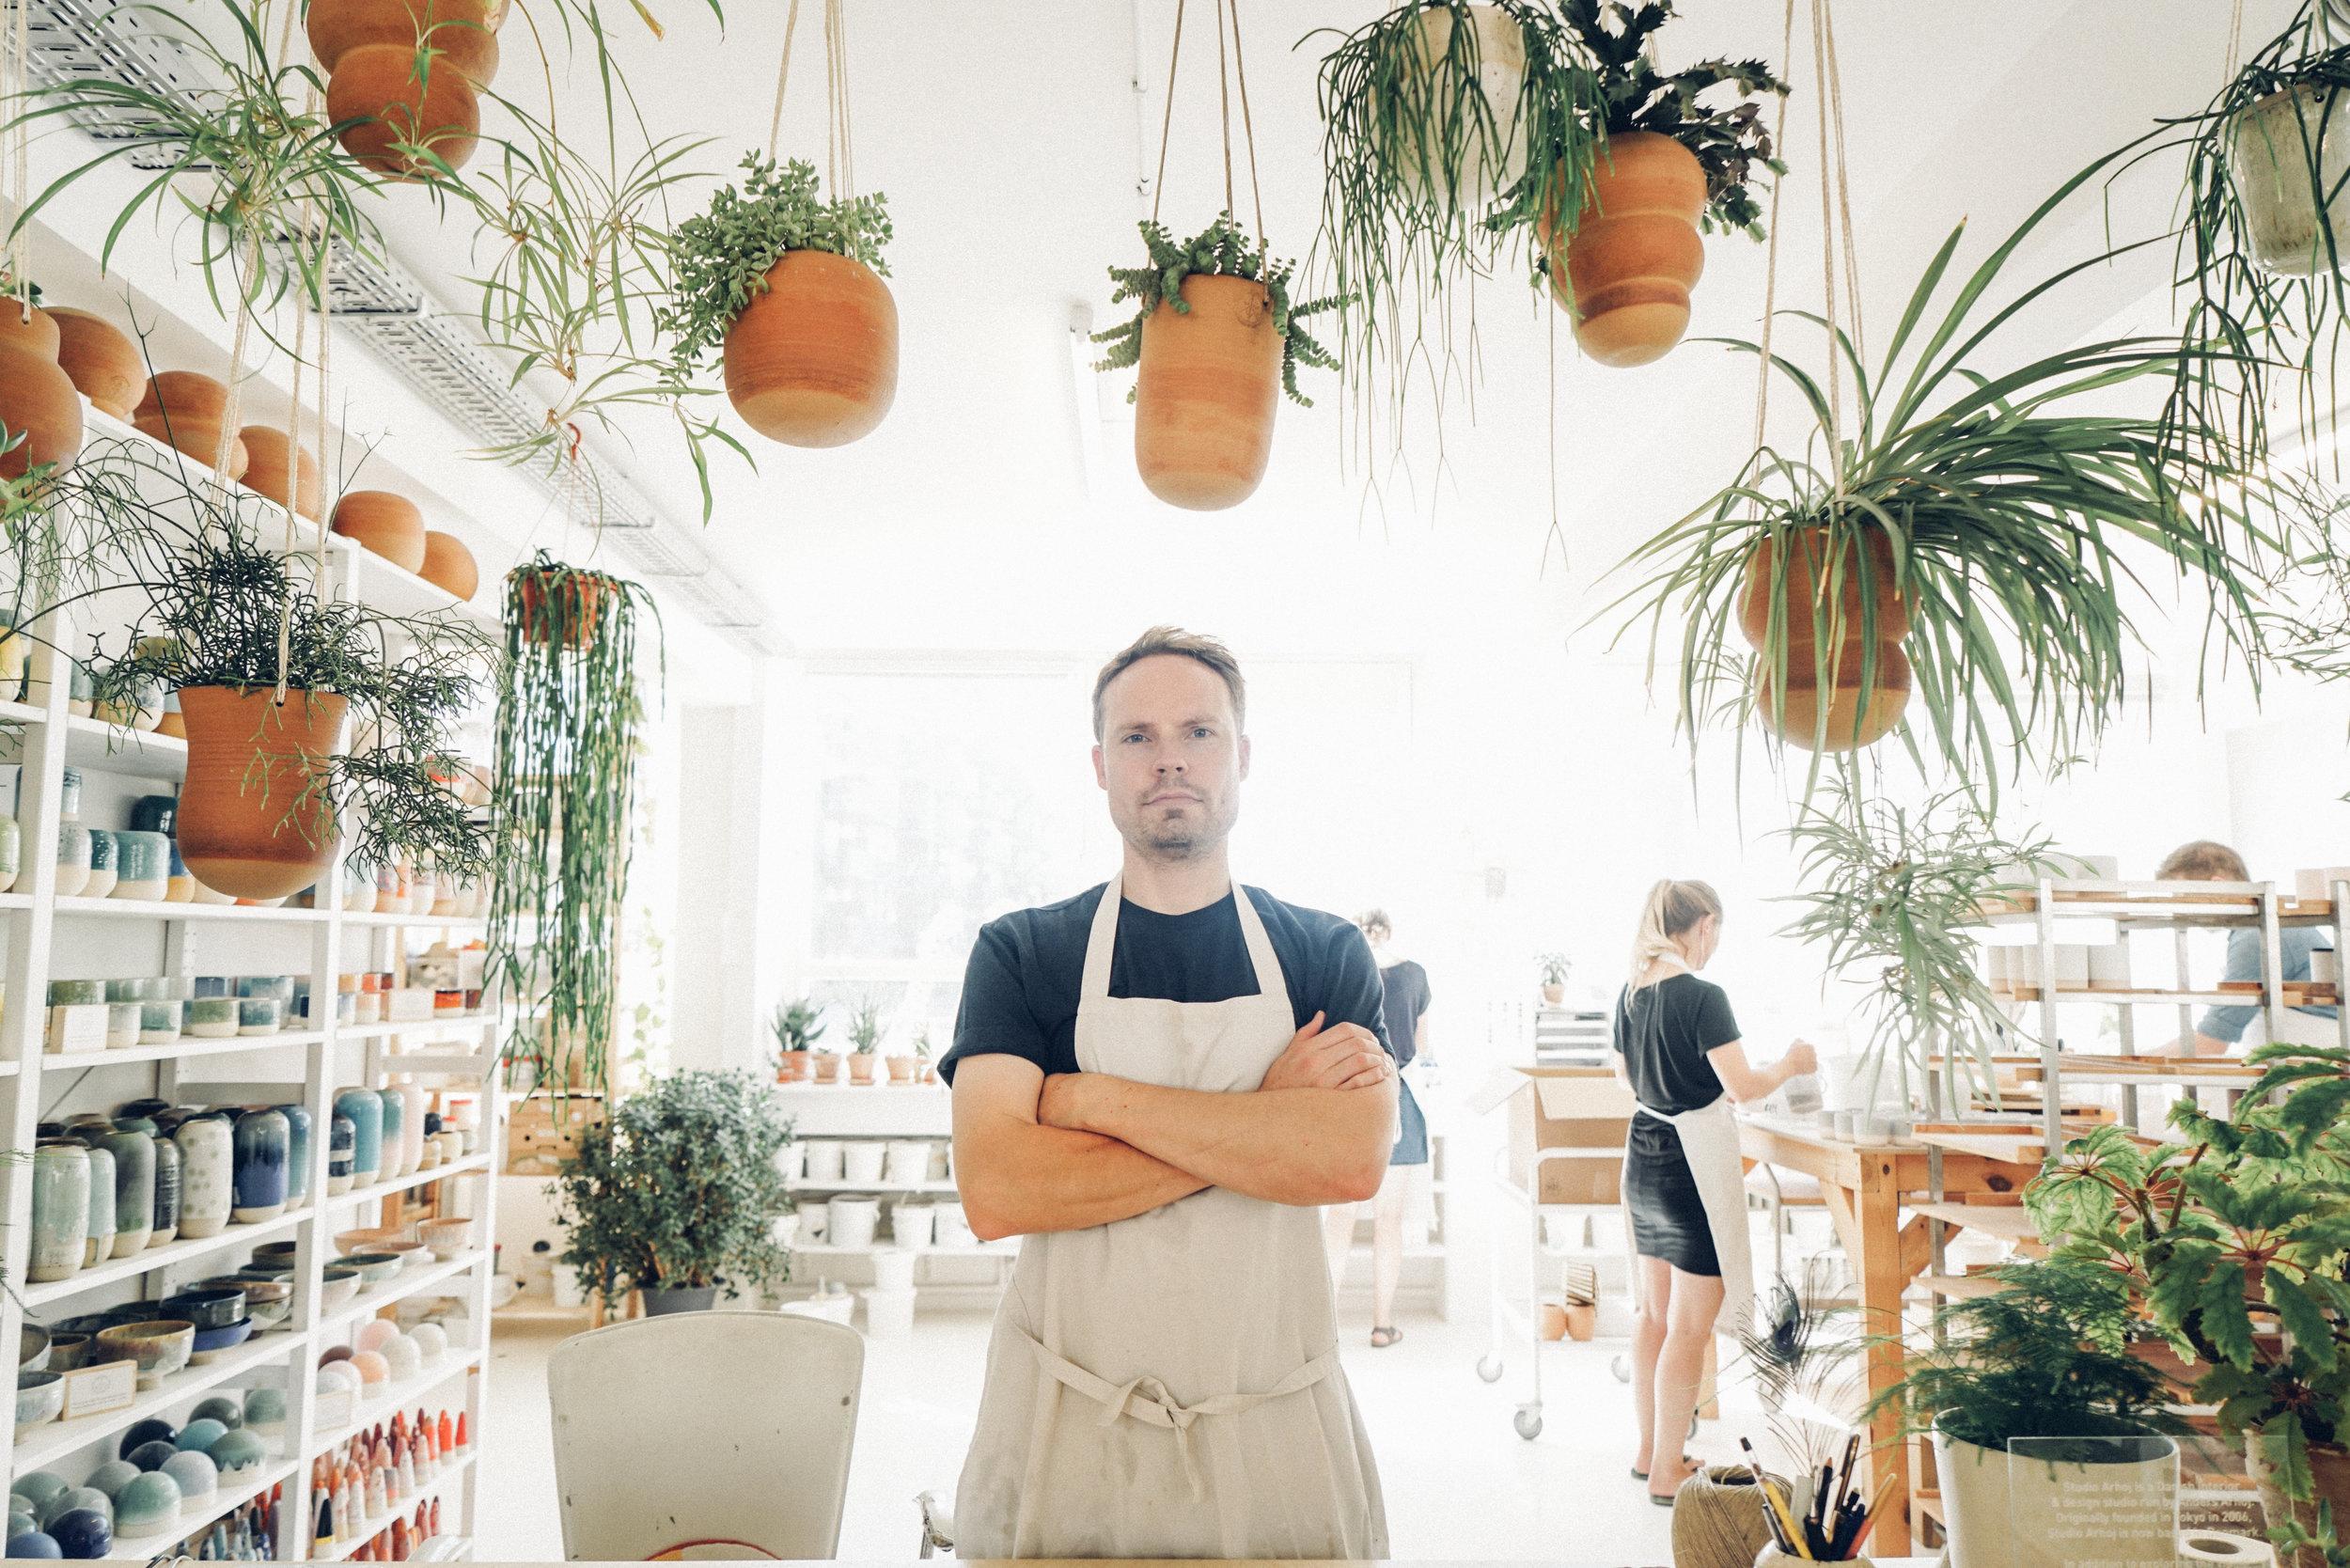 Anders Arhoj in hist studio